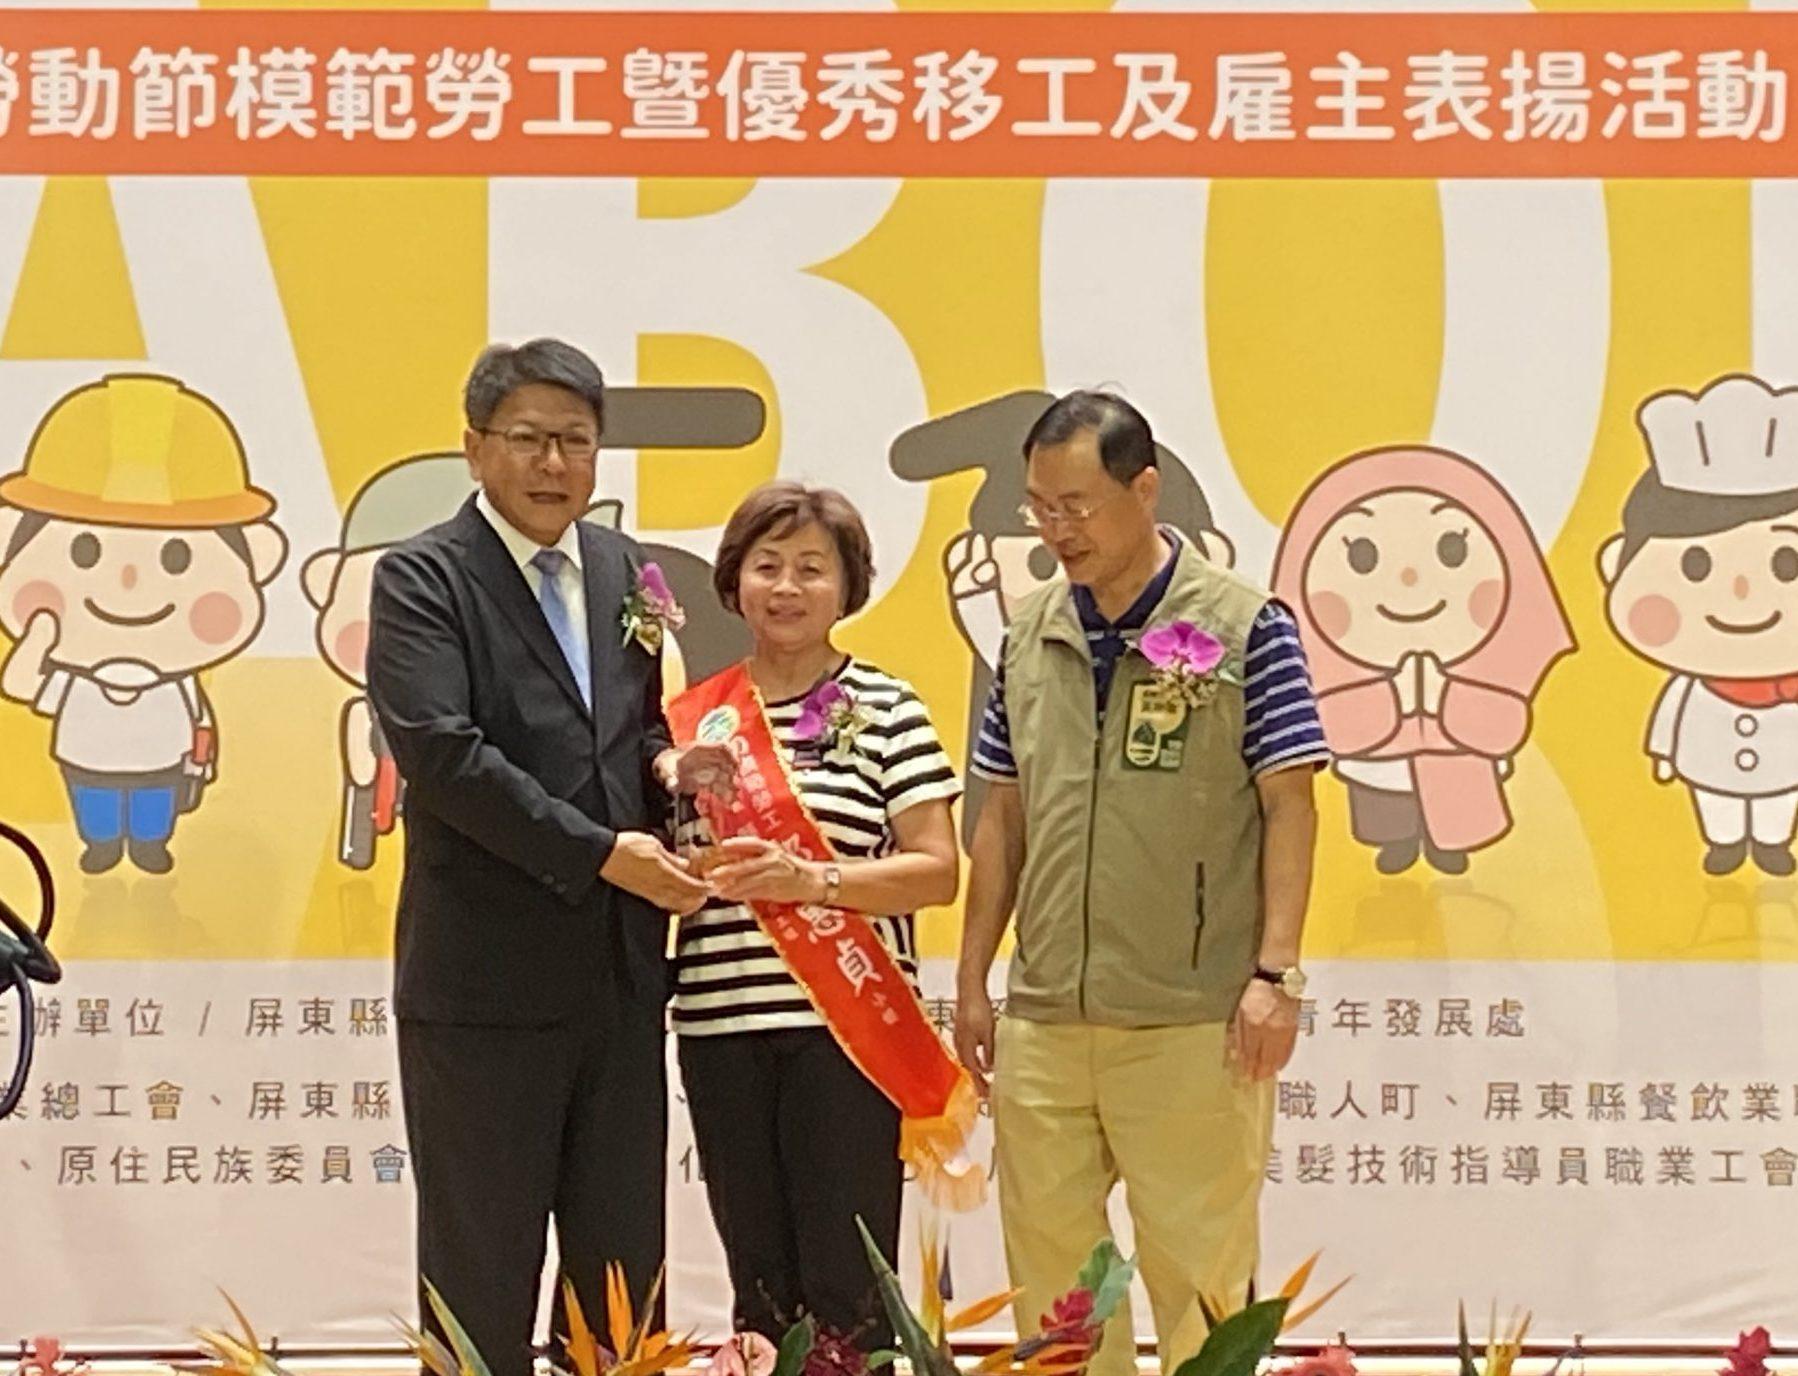 鄭惠貞老師110年度模範勞工